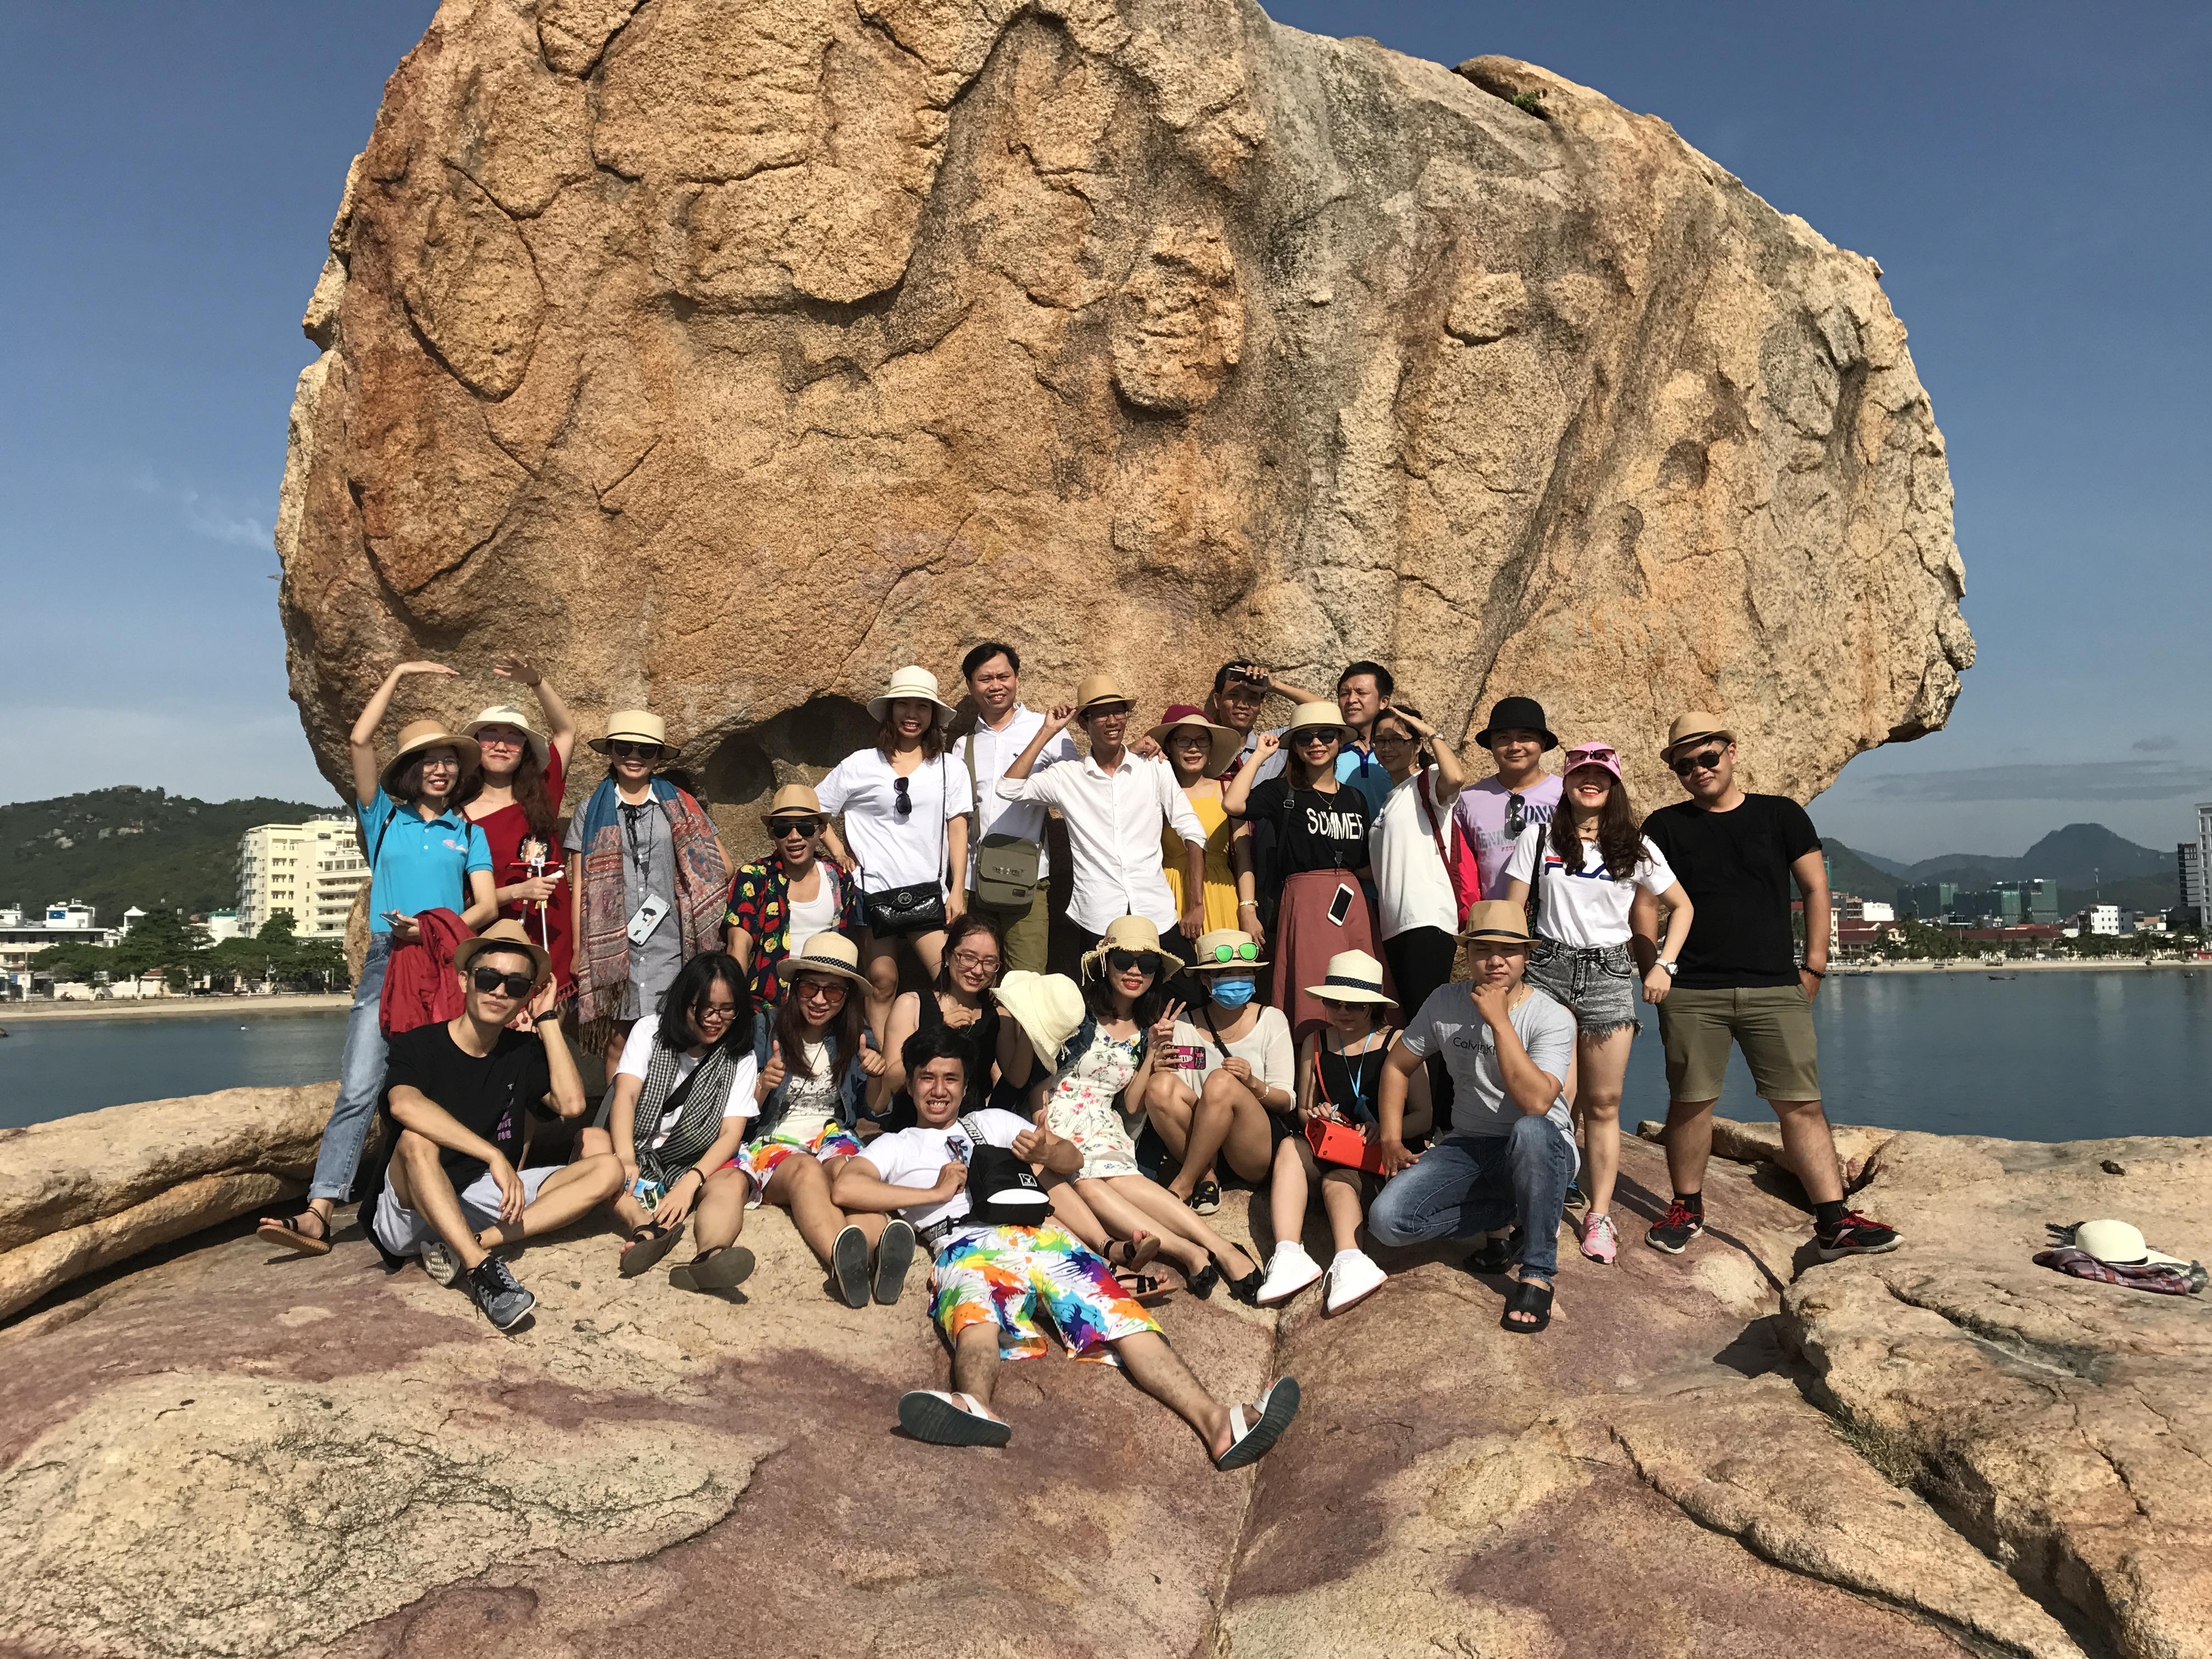 hon-chong-nha-trang-vrm-travel